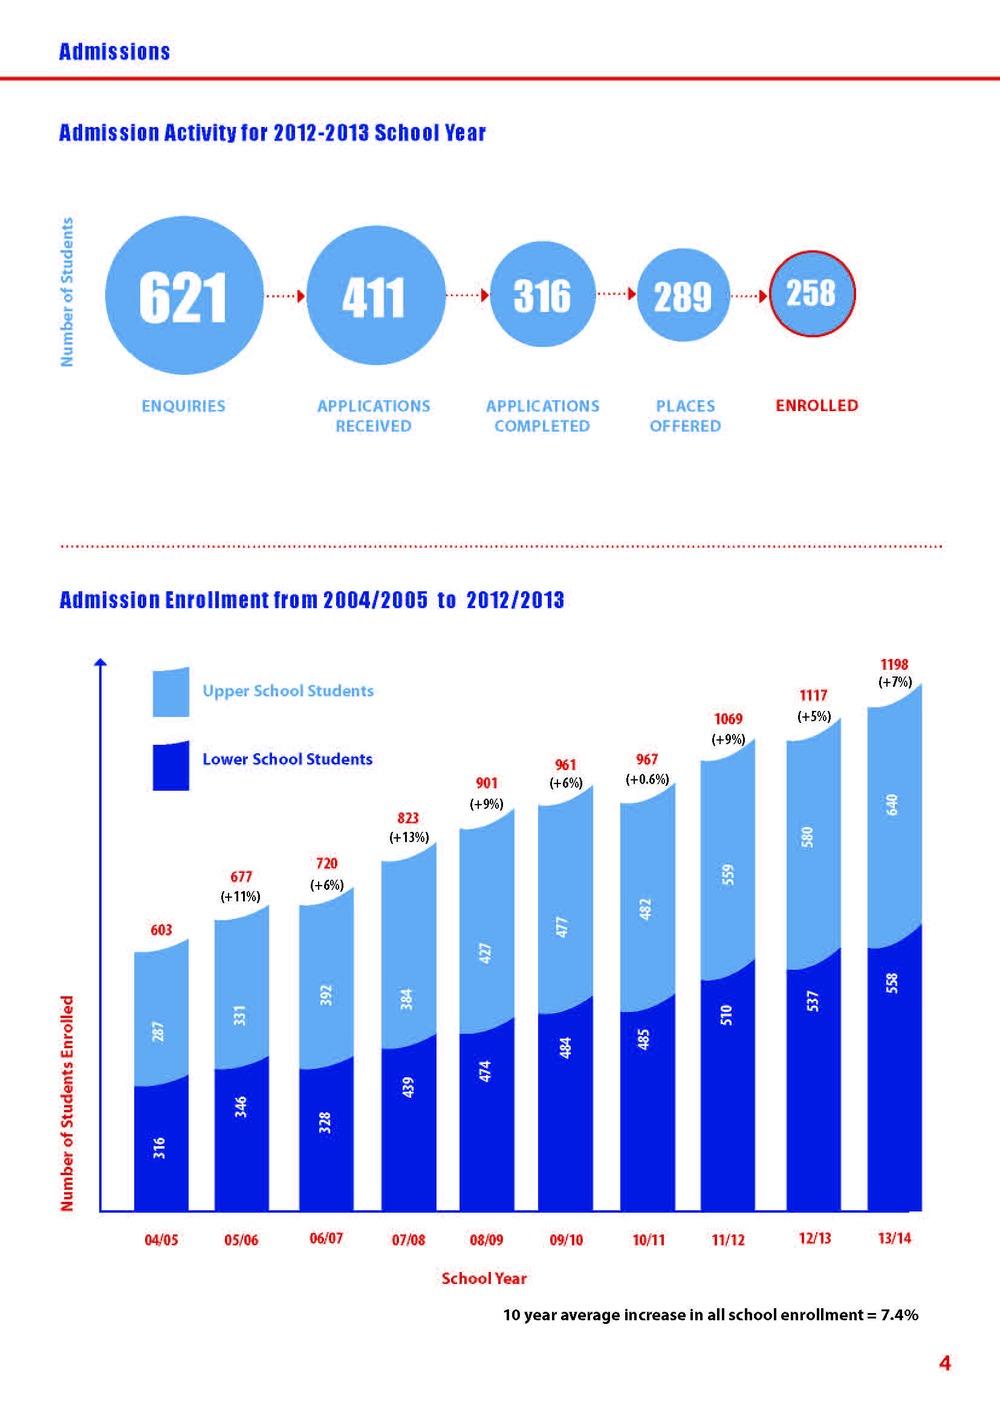 ISL.AnnualReport2013.4.lowres 4.jpg